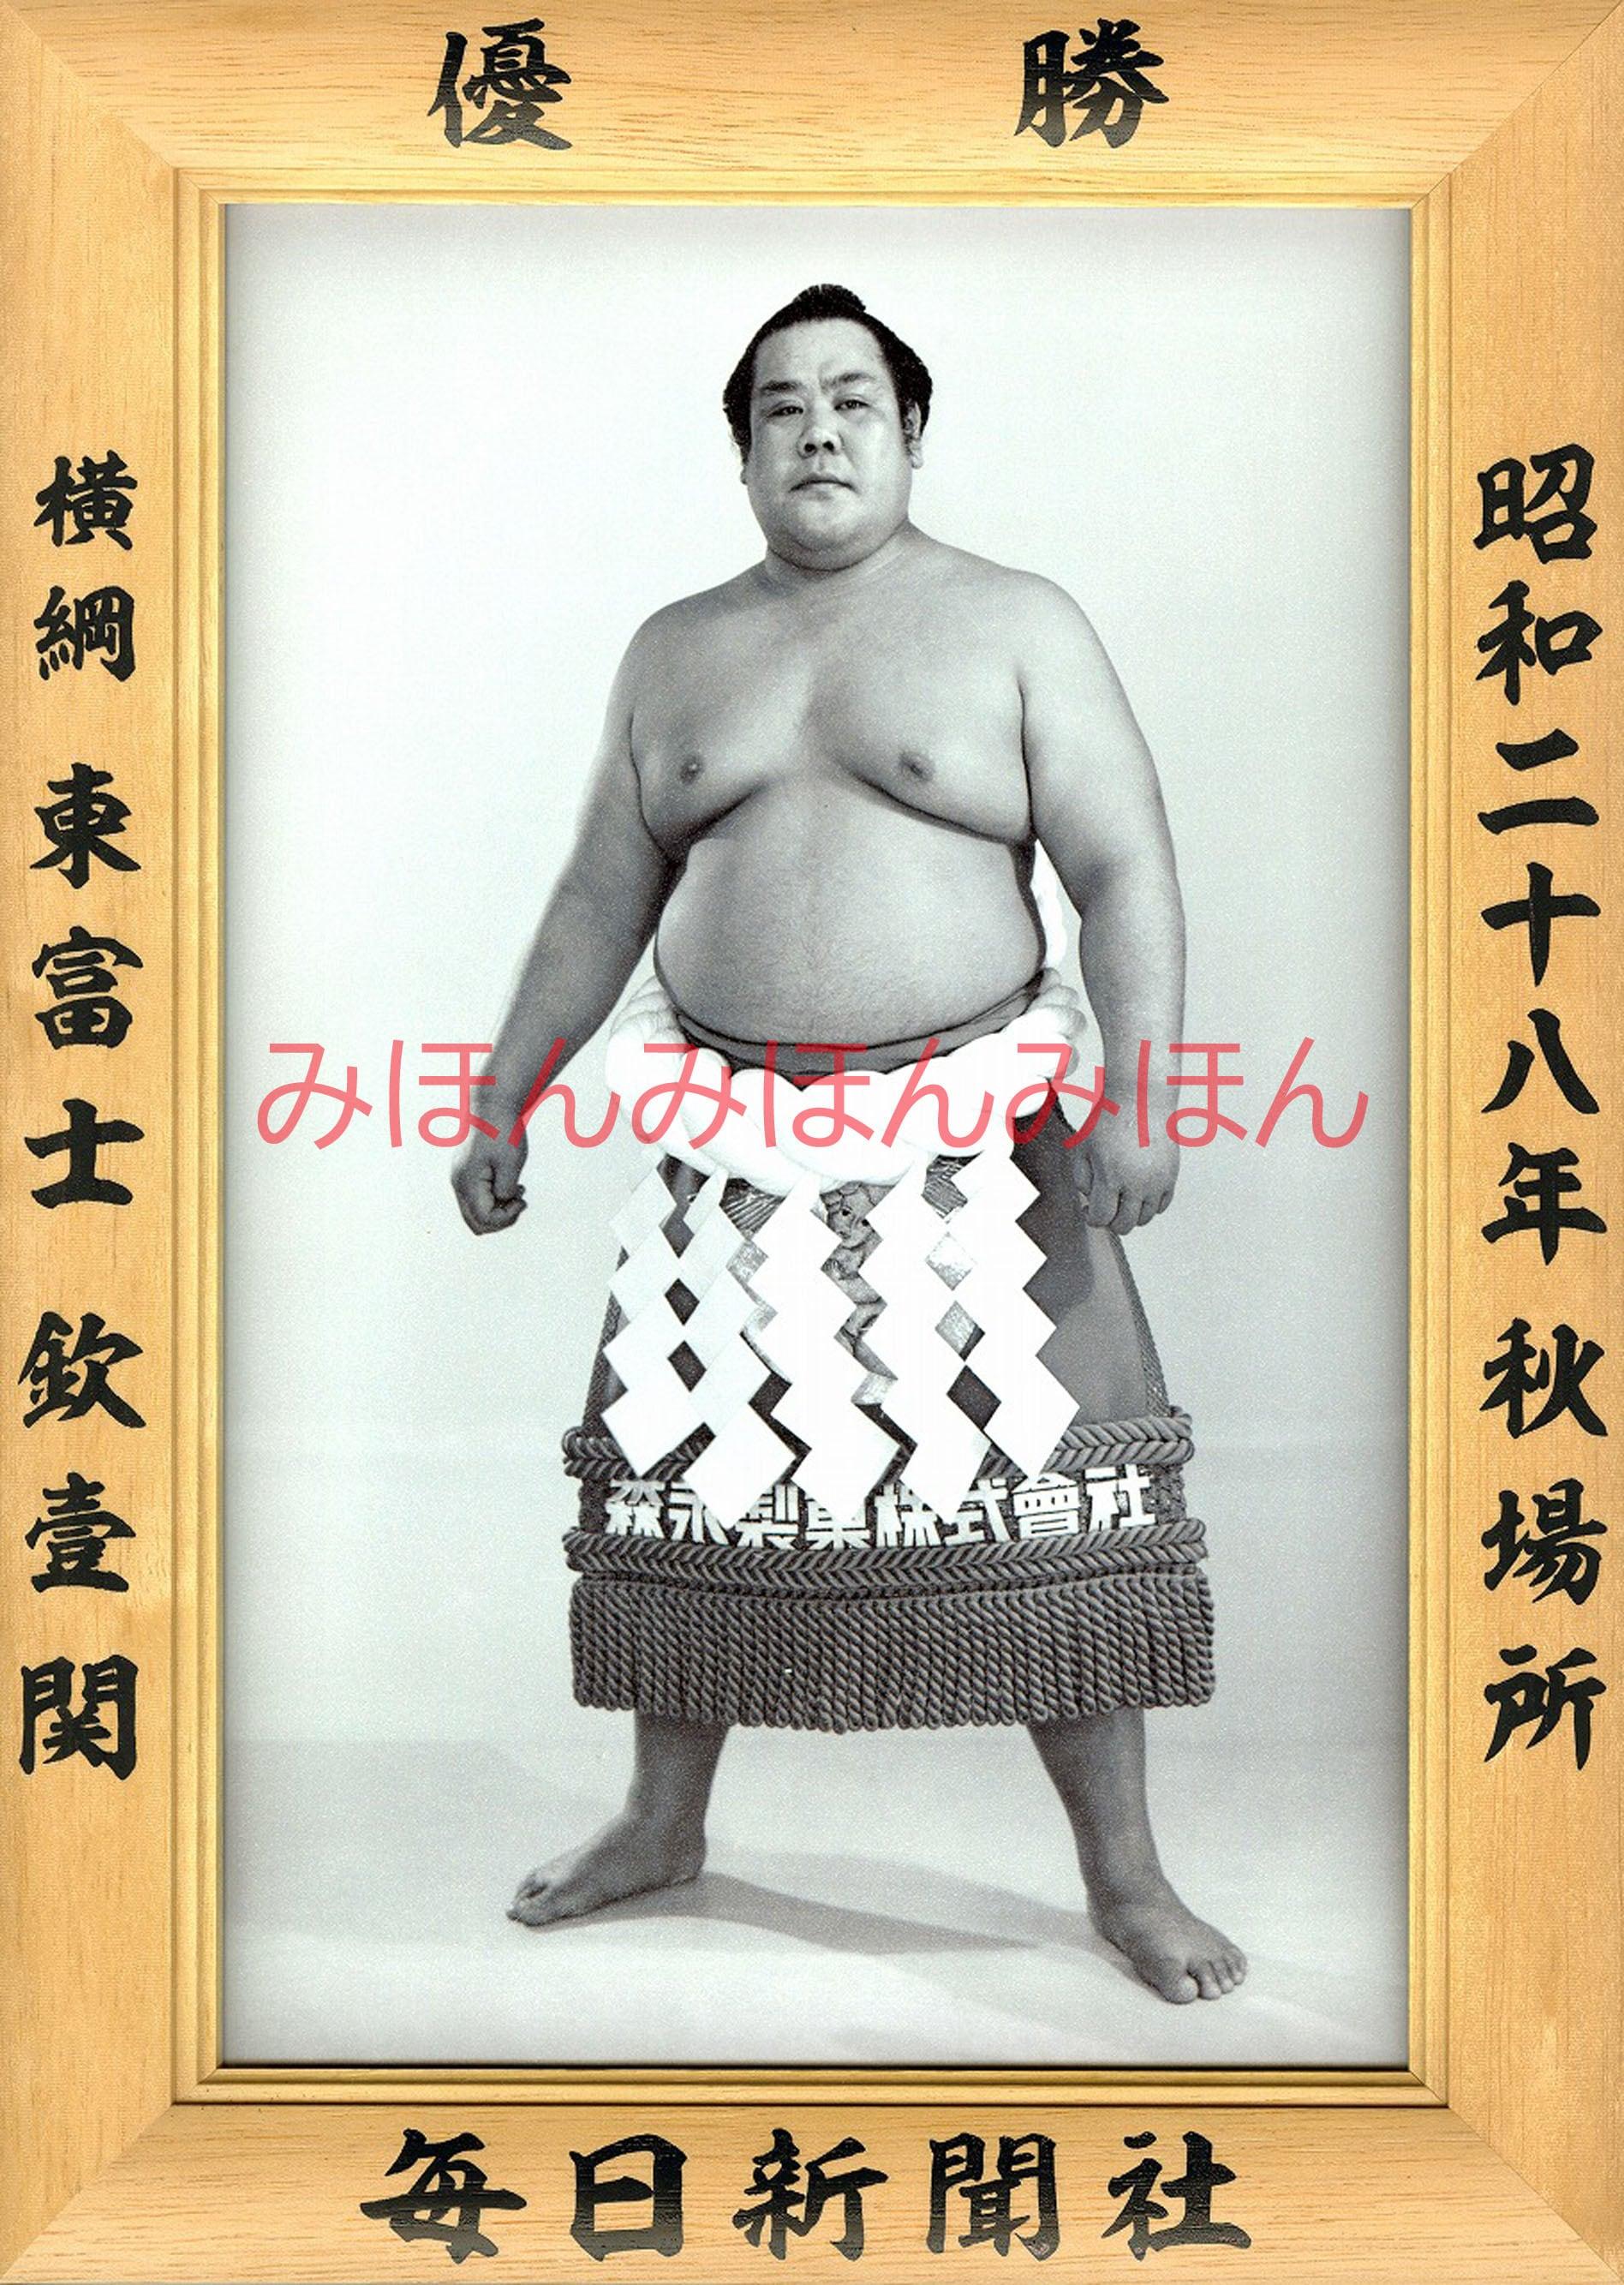 昭和28年秋場所優勝 横綱 東富士欽壹関(6回目の優勝)